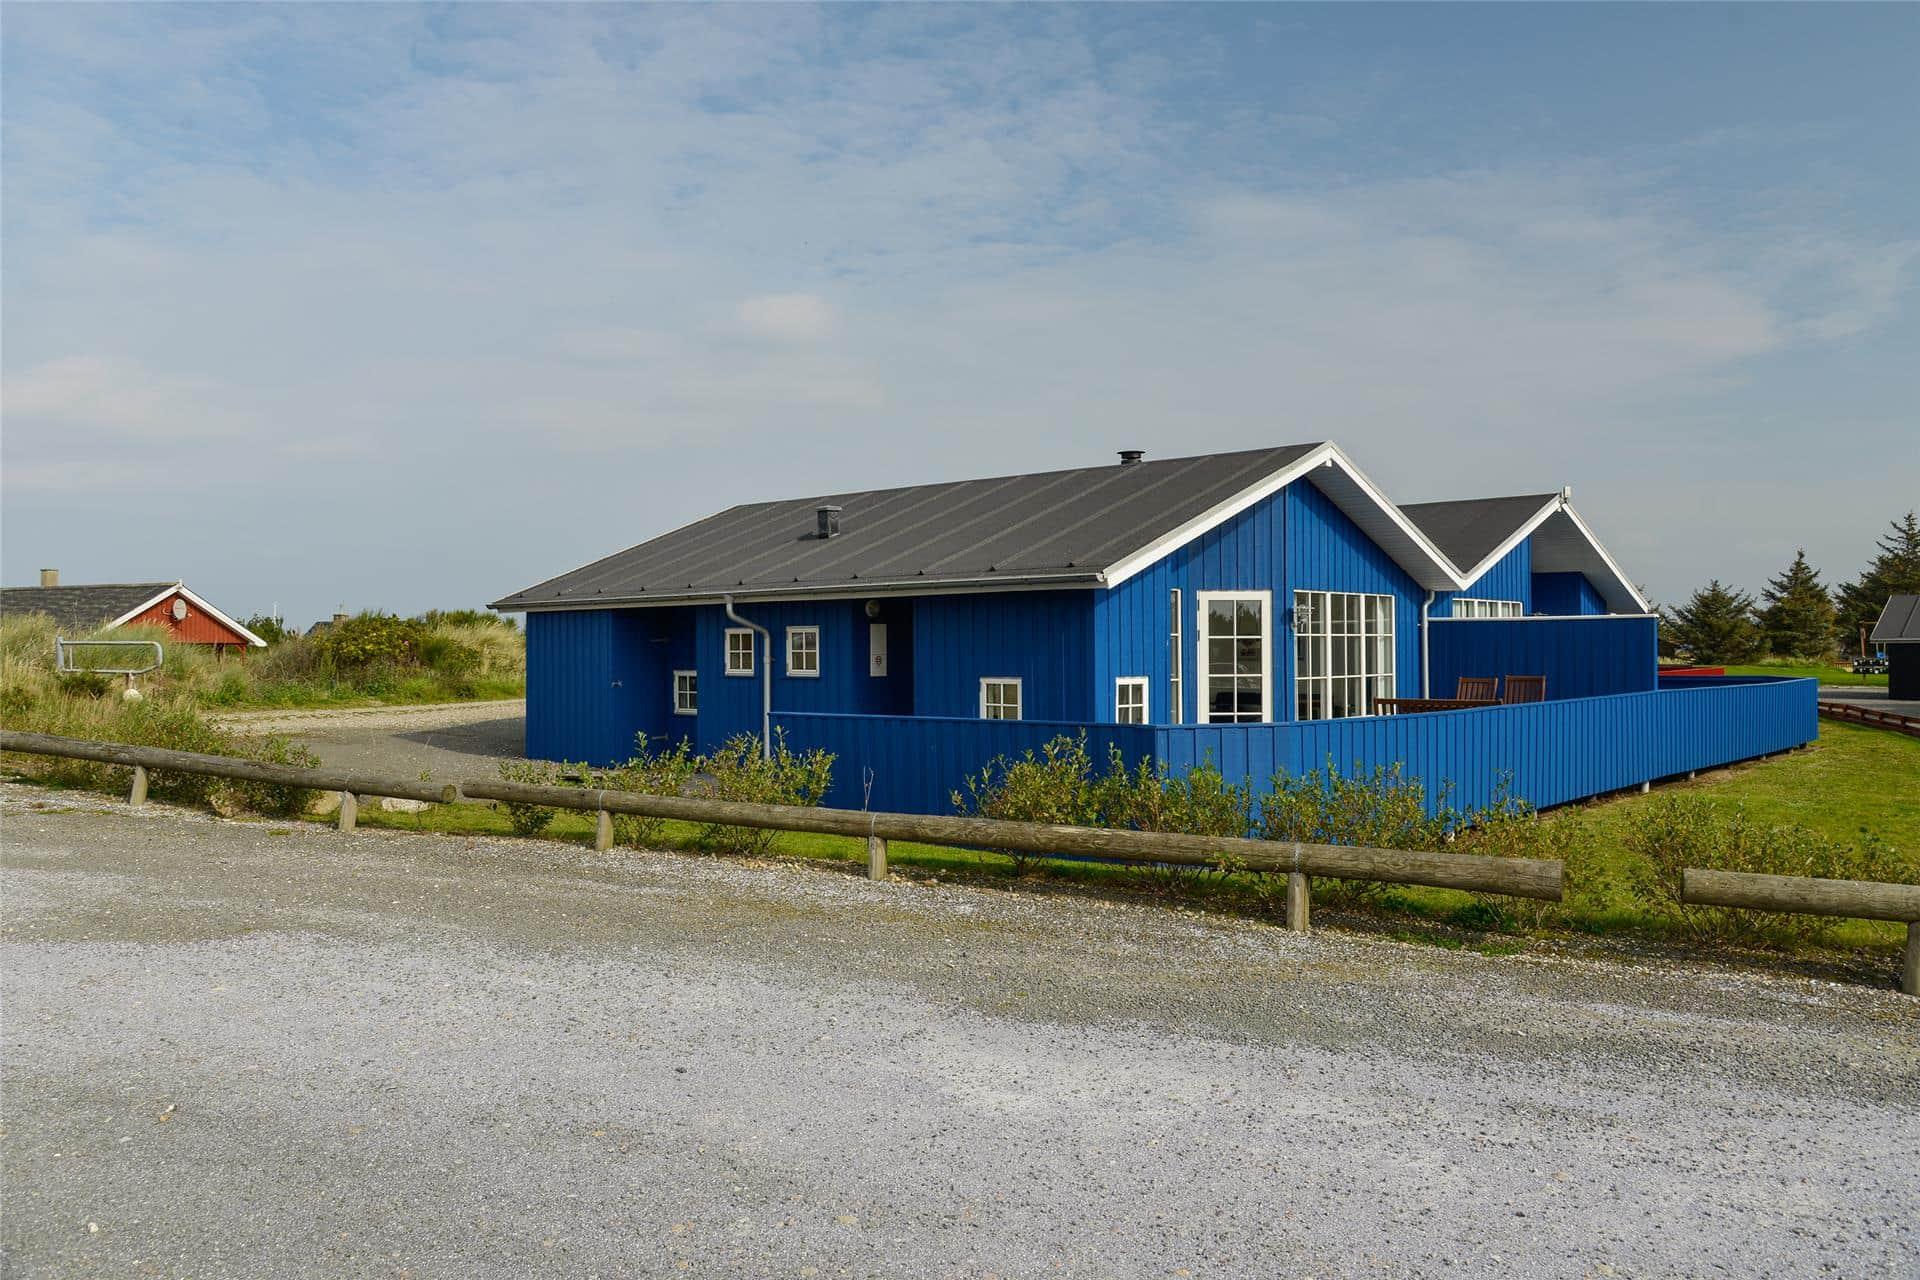 Billede 1-4 Sommerhus 366, Anker Eskildsens Vej 5, DK - 6960 Hvide Sande